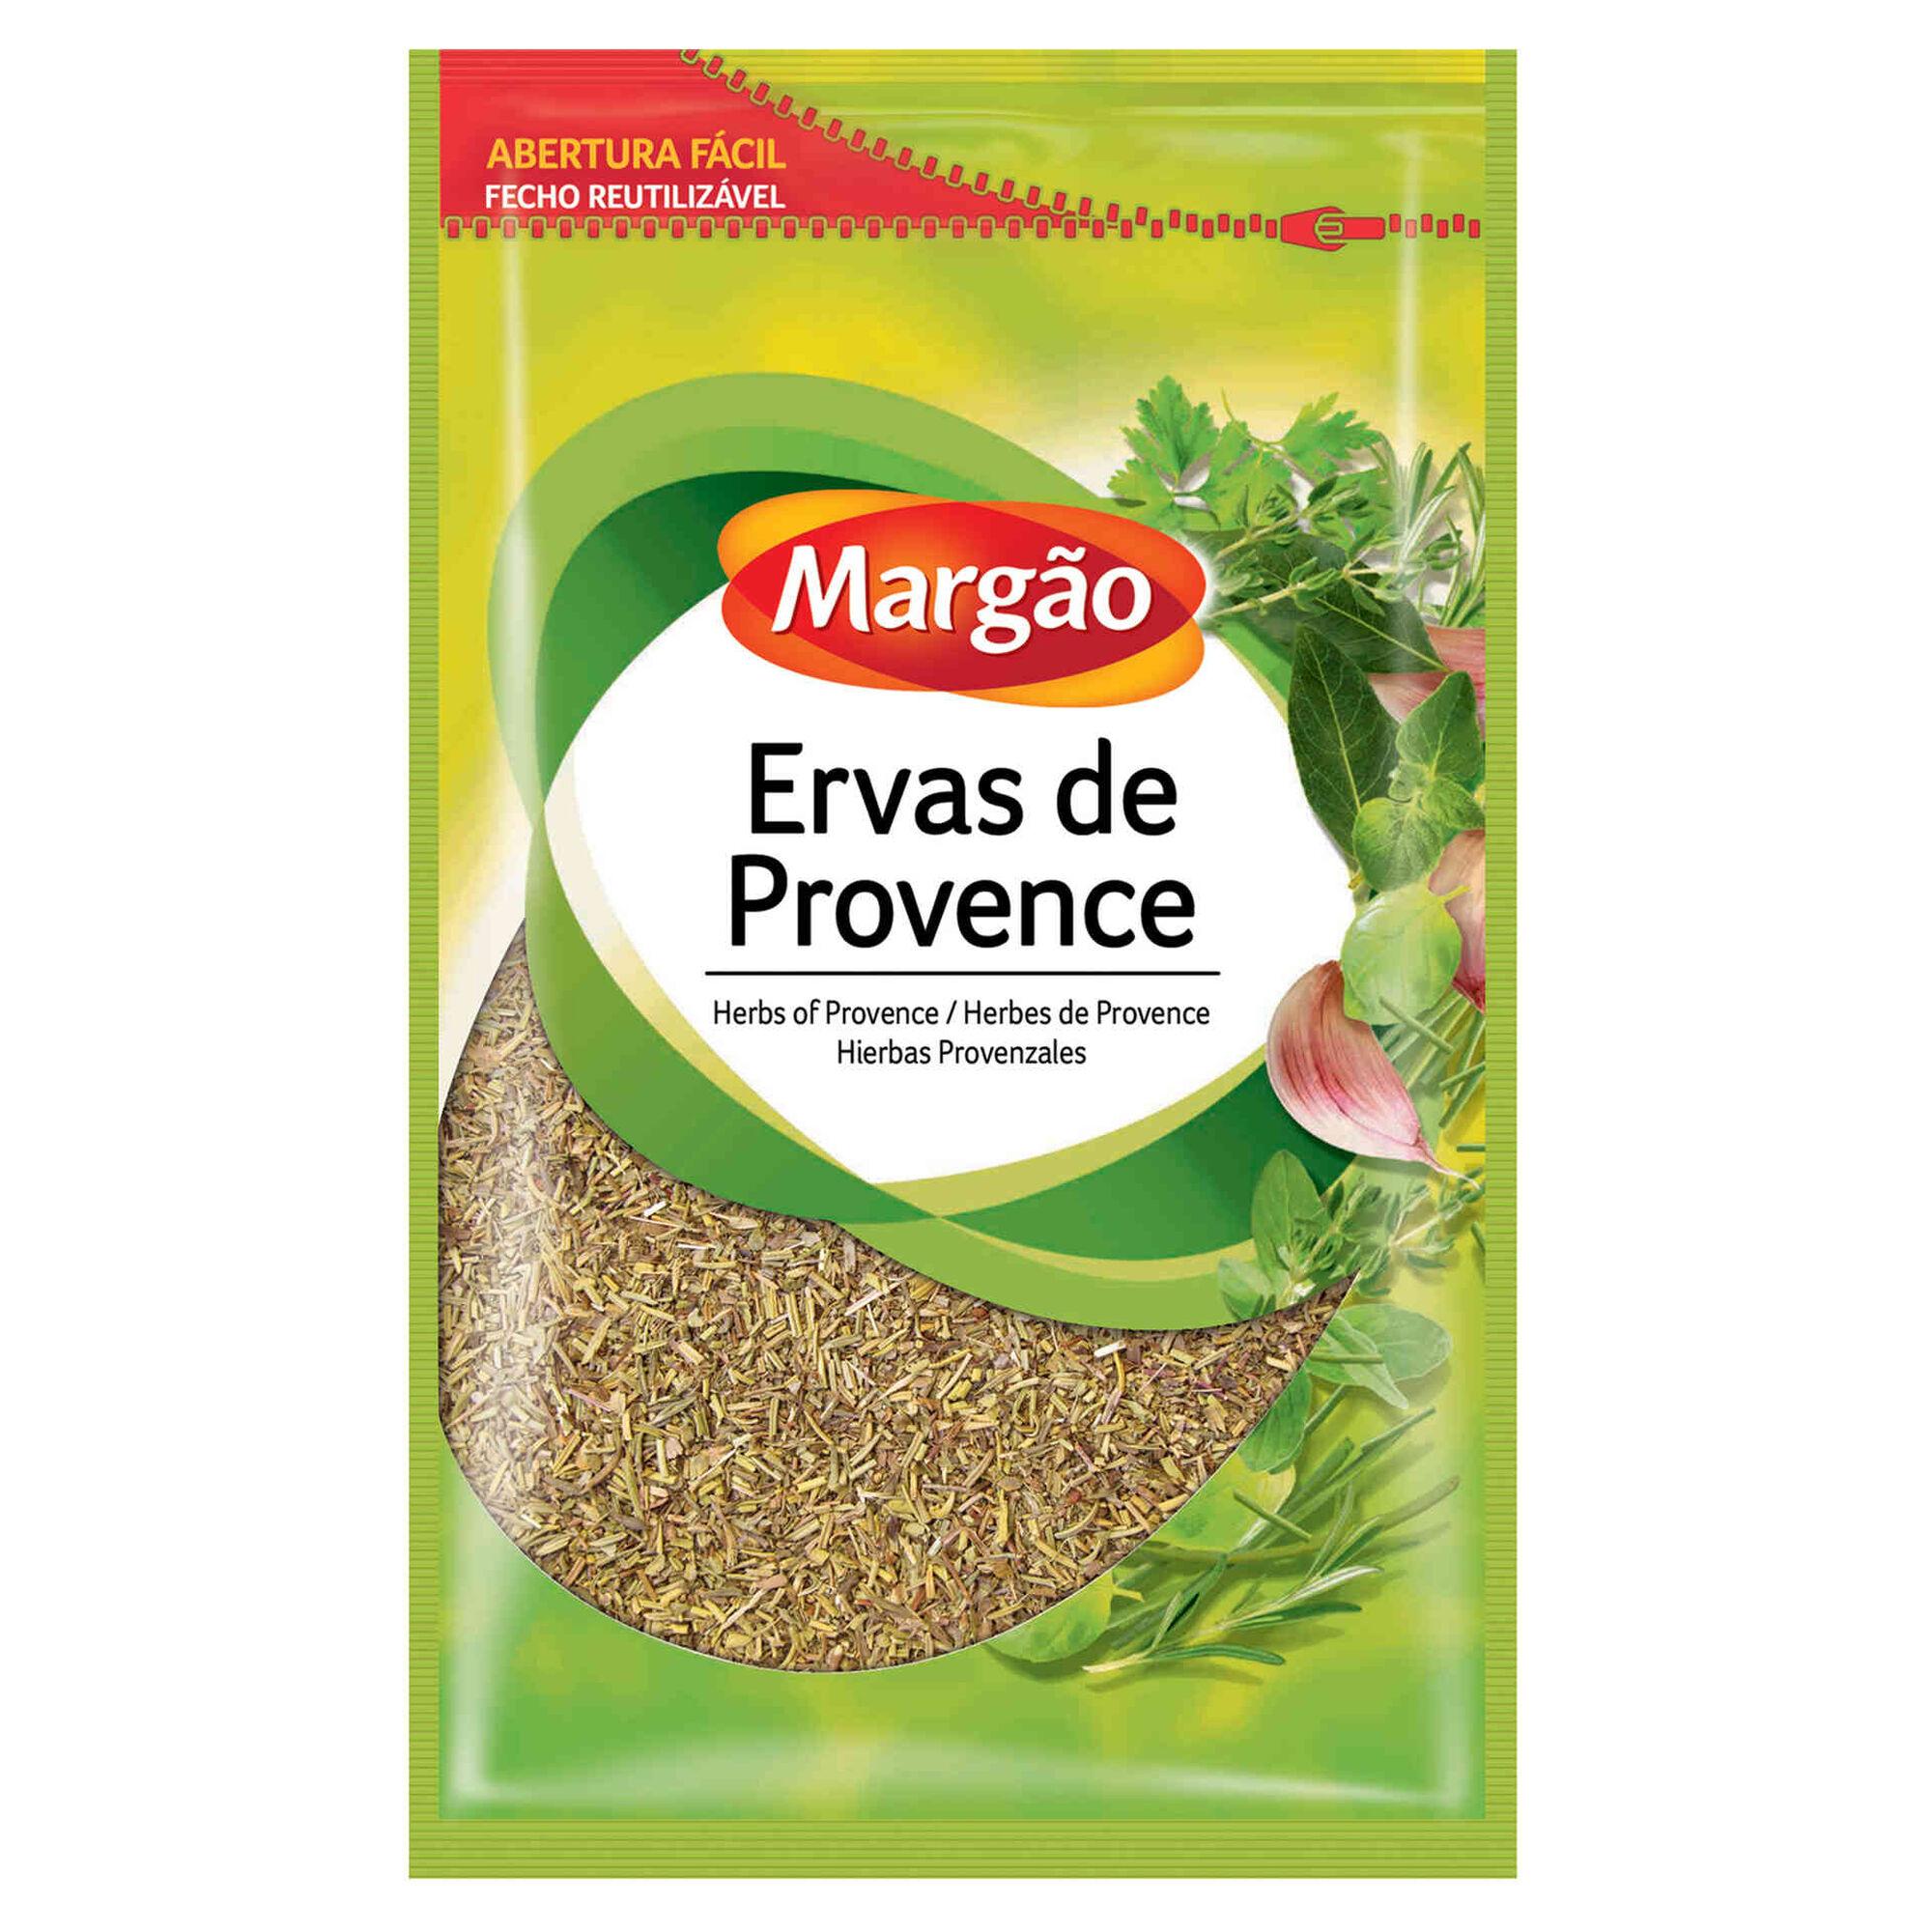 Ervas de Provence em Frasco